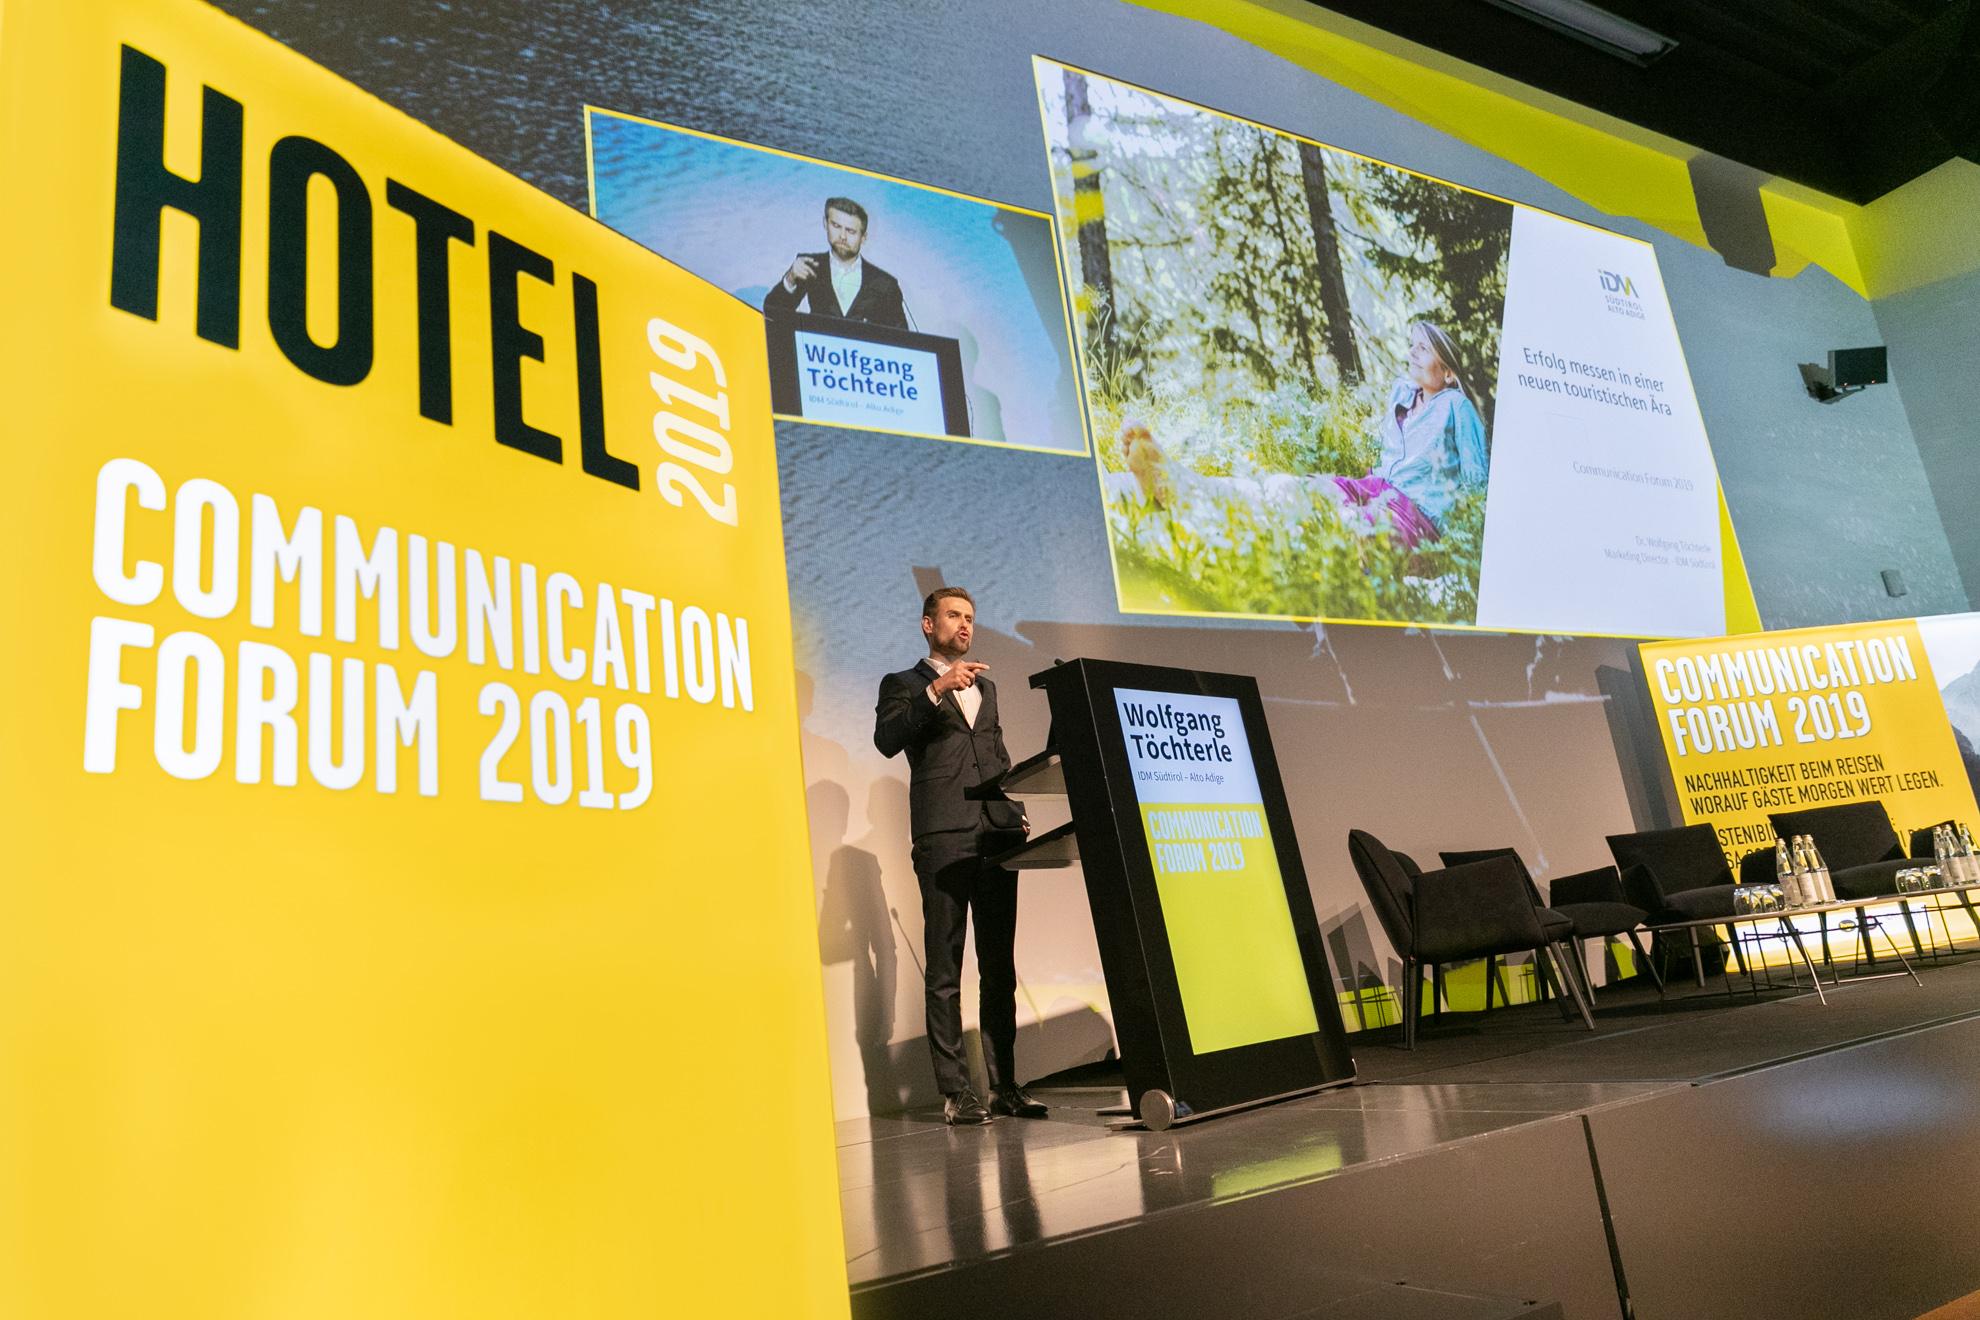 Focus. Eco sostenibilità nel turismo, cosa scelgono gli ospiti di domani?